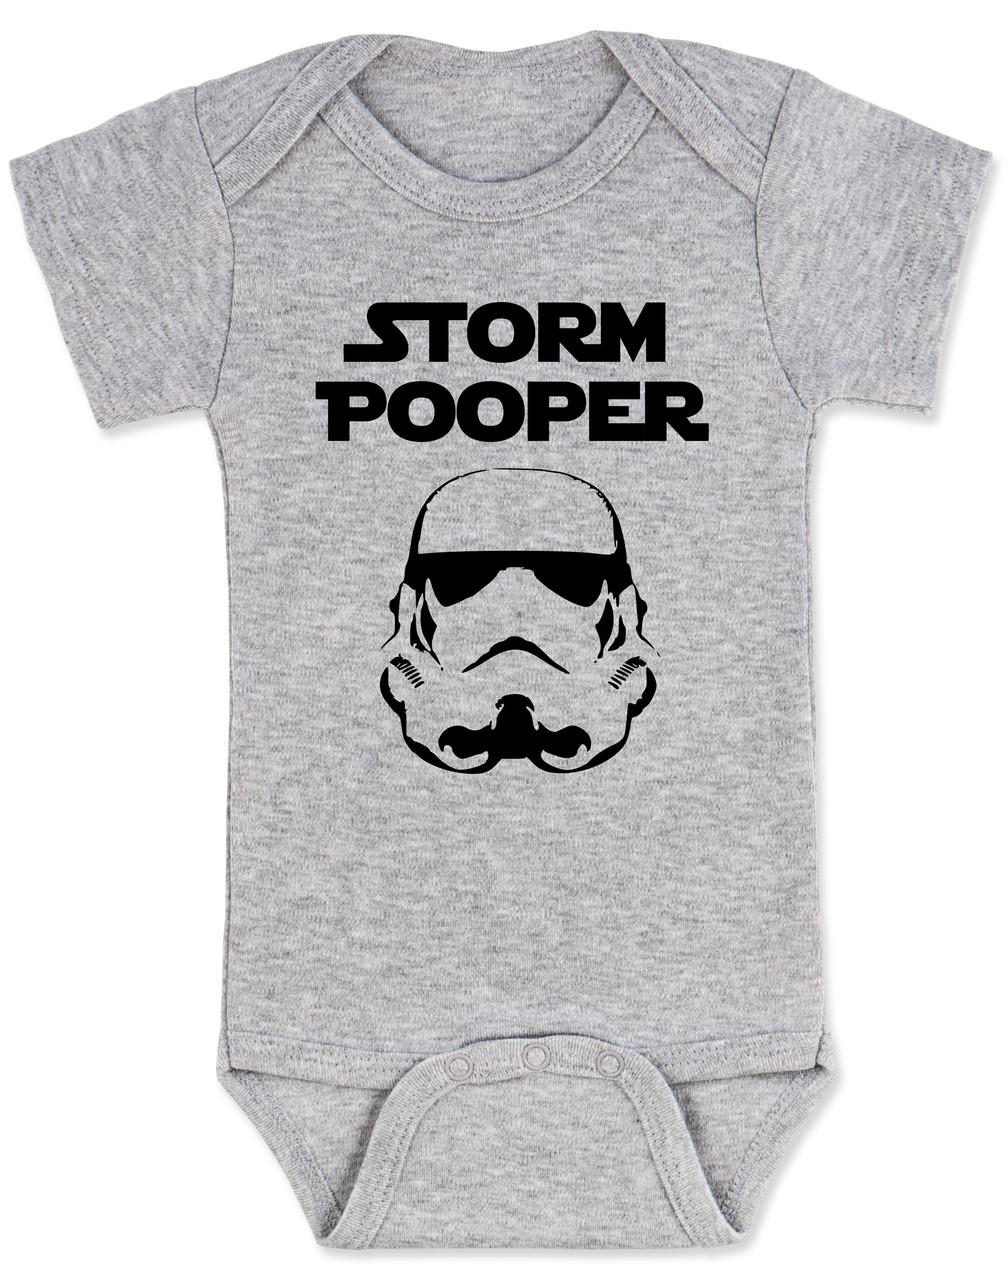 Storm Trooper Diaper Onesie Movie Lover Funny Baby Onesie Superhero Newborn Storm Pooper Cute Double Sided Baby Onesie Bodysuits